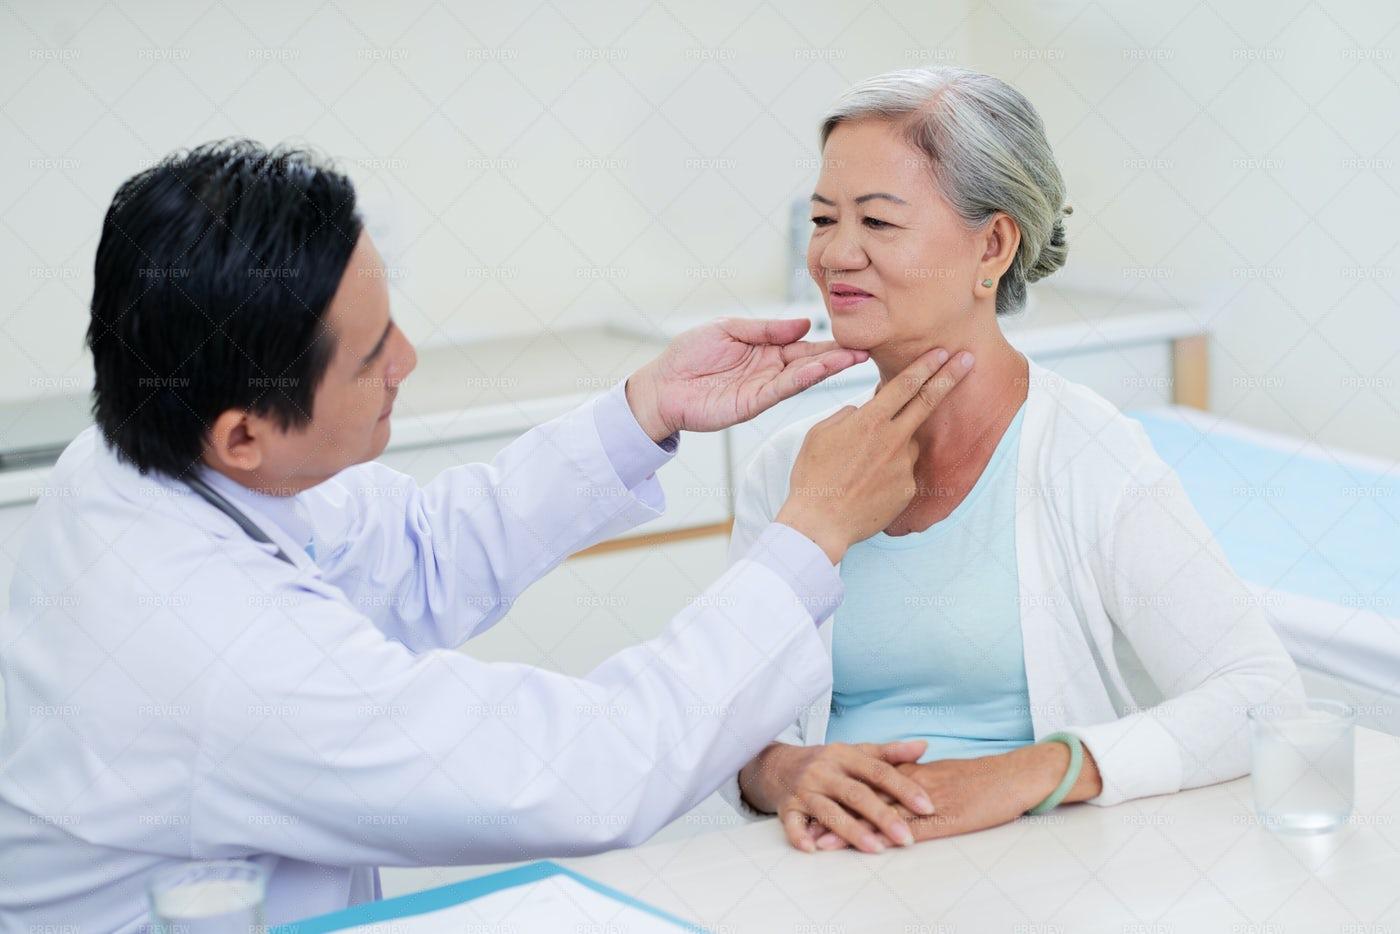 Throat Examination: Stock Photos